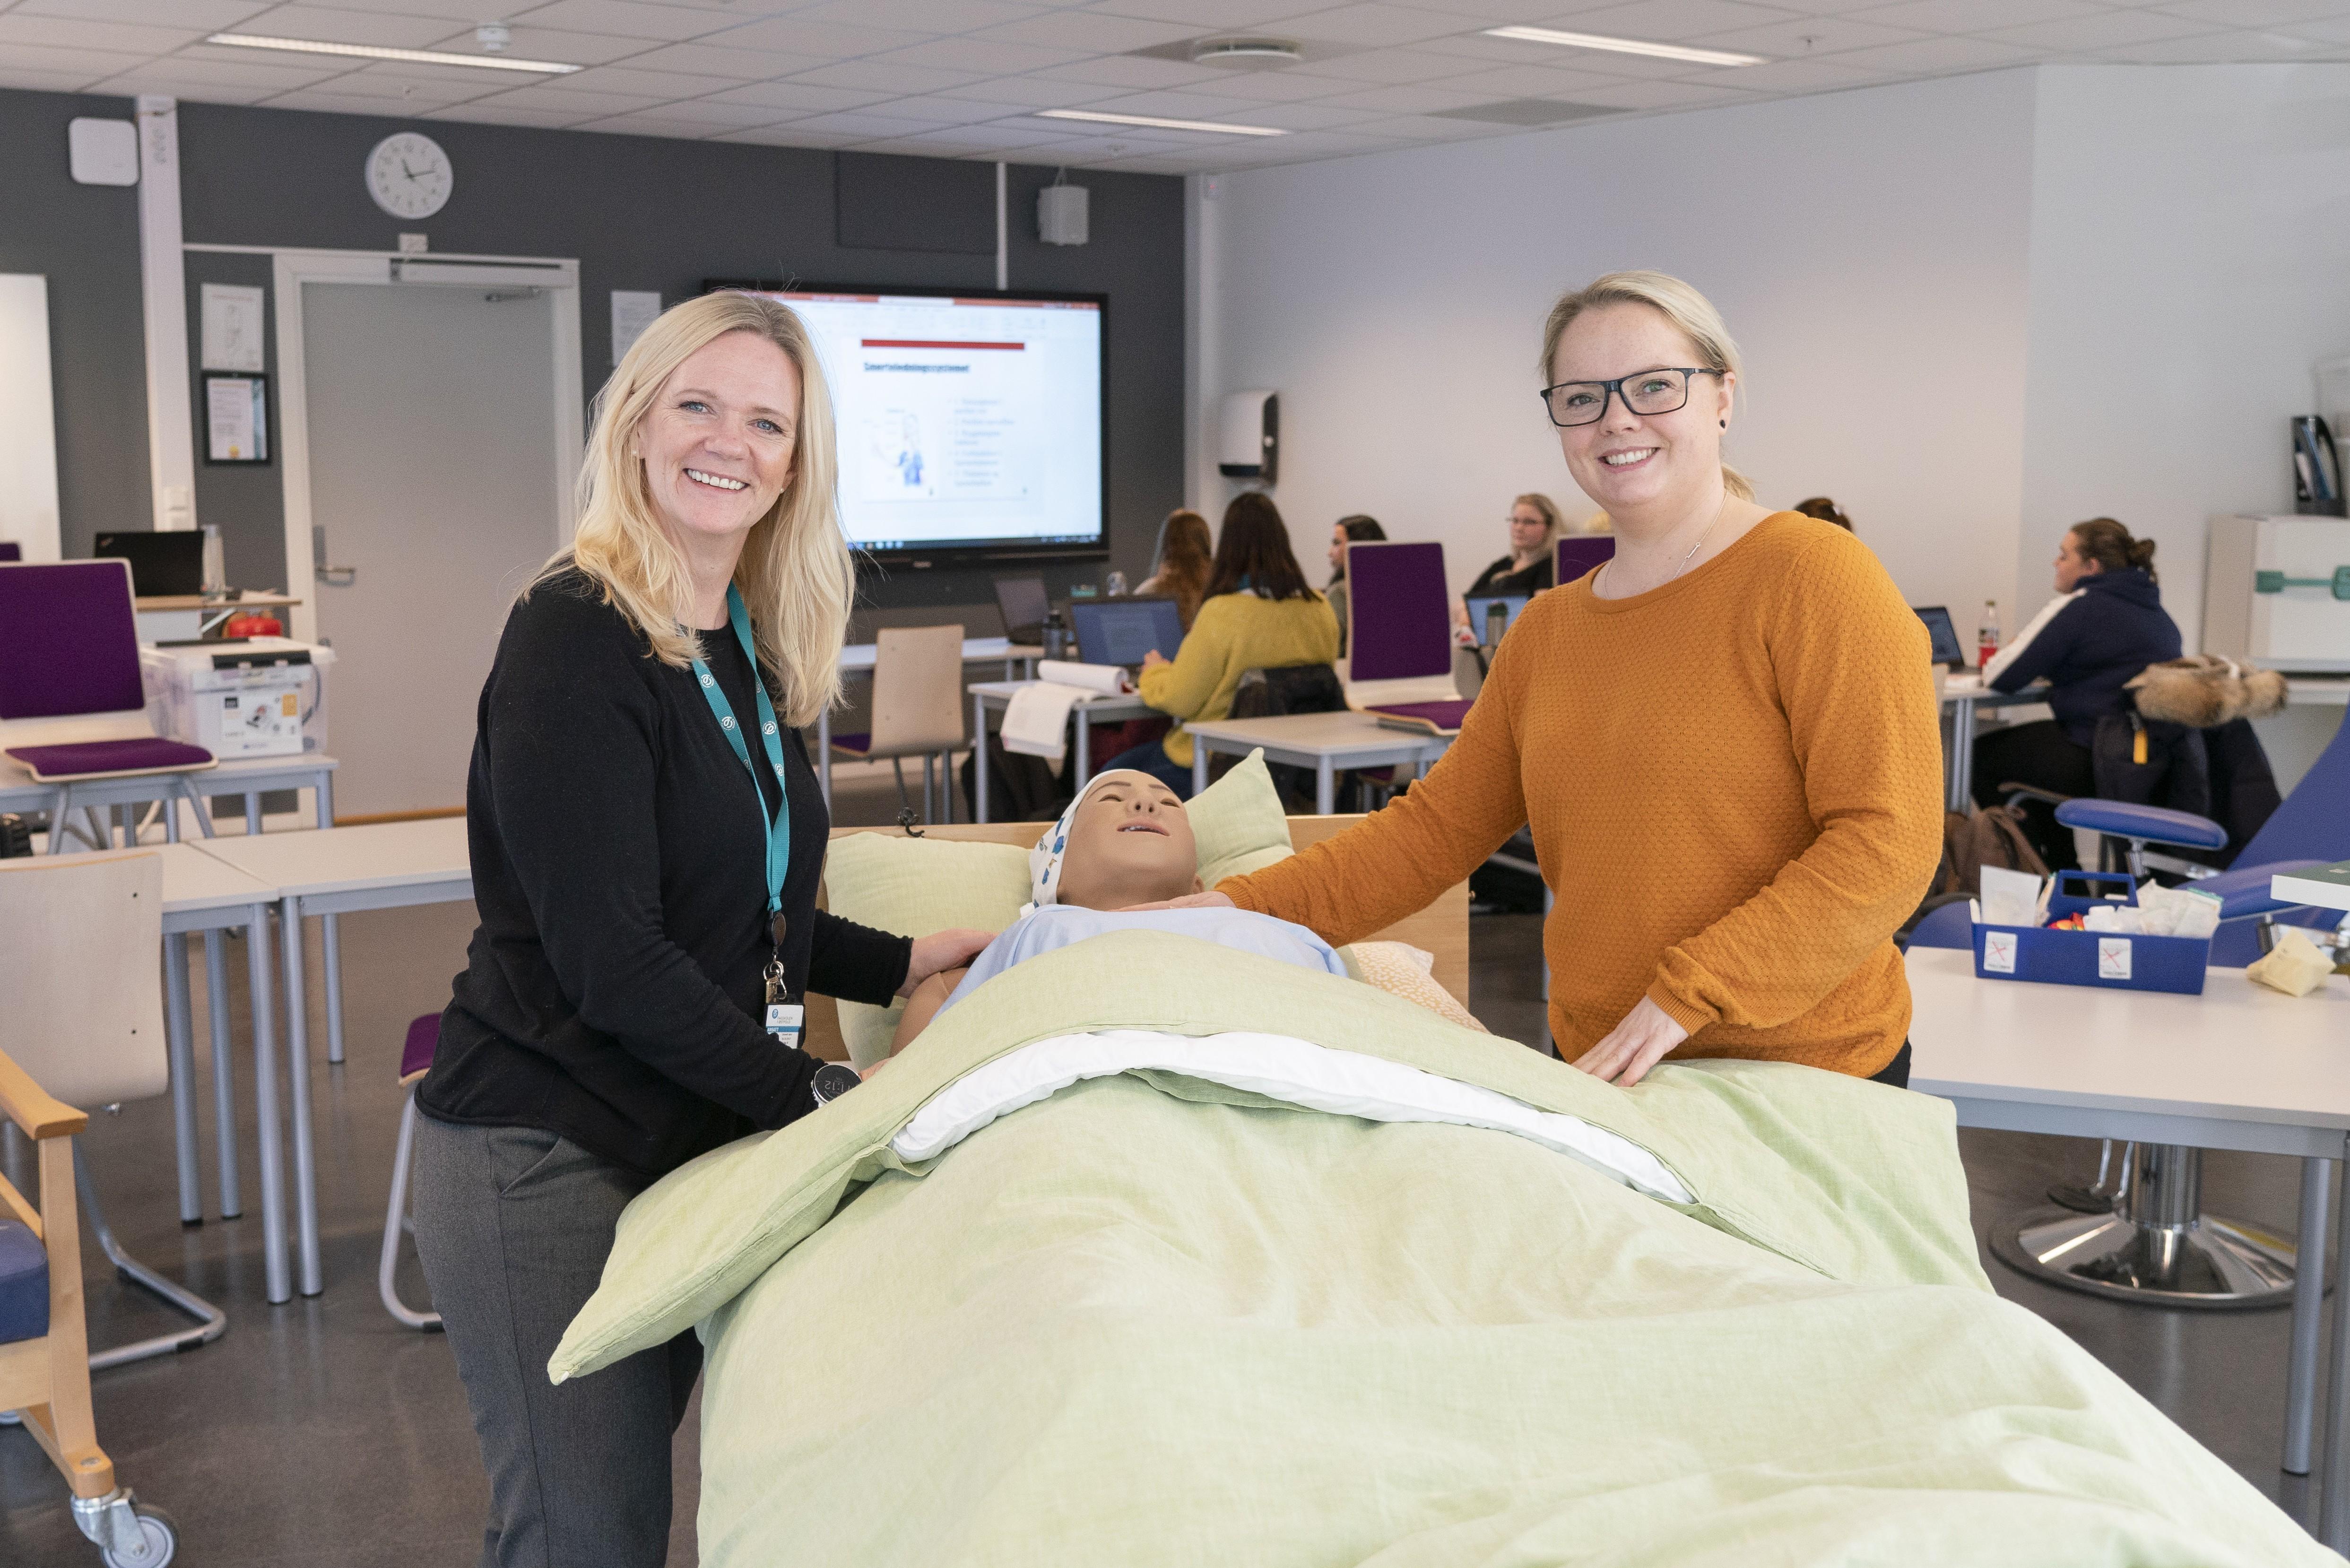 ETTERTRAKTET: På bestilling fra arbeidslivet har Fagskolen i Østfold startet opp to nye linjer med nett- og samlingsbaserte studier.